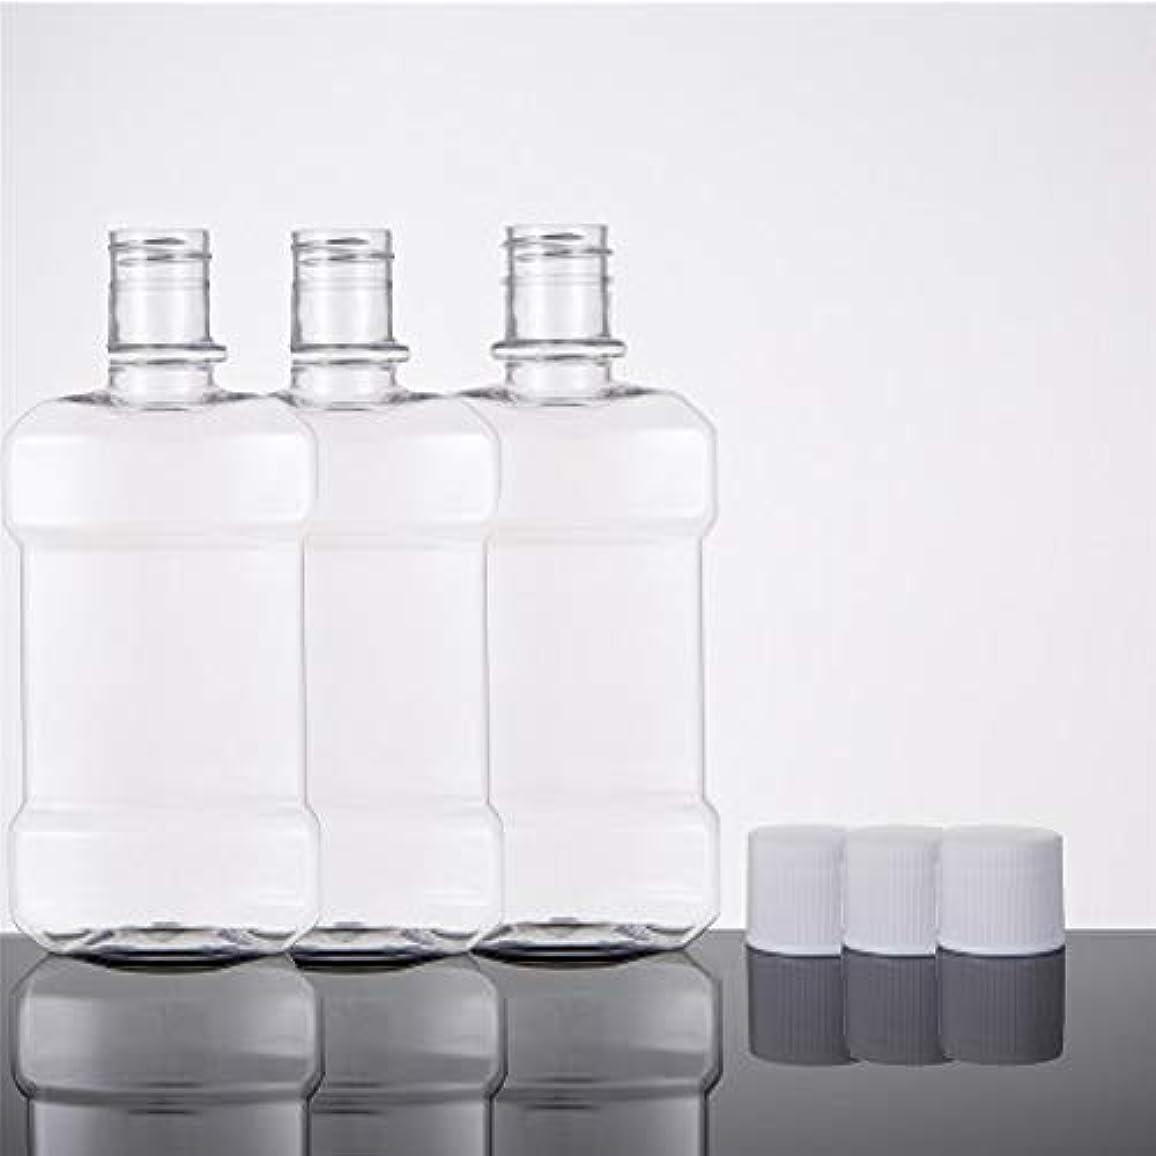 繕うフィールドブランド名SHKI マウスウォッシュ専用詰め替えボトル 250ml*3個 空ボトル 3個セット 持ち運び便利